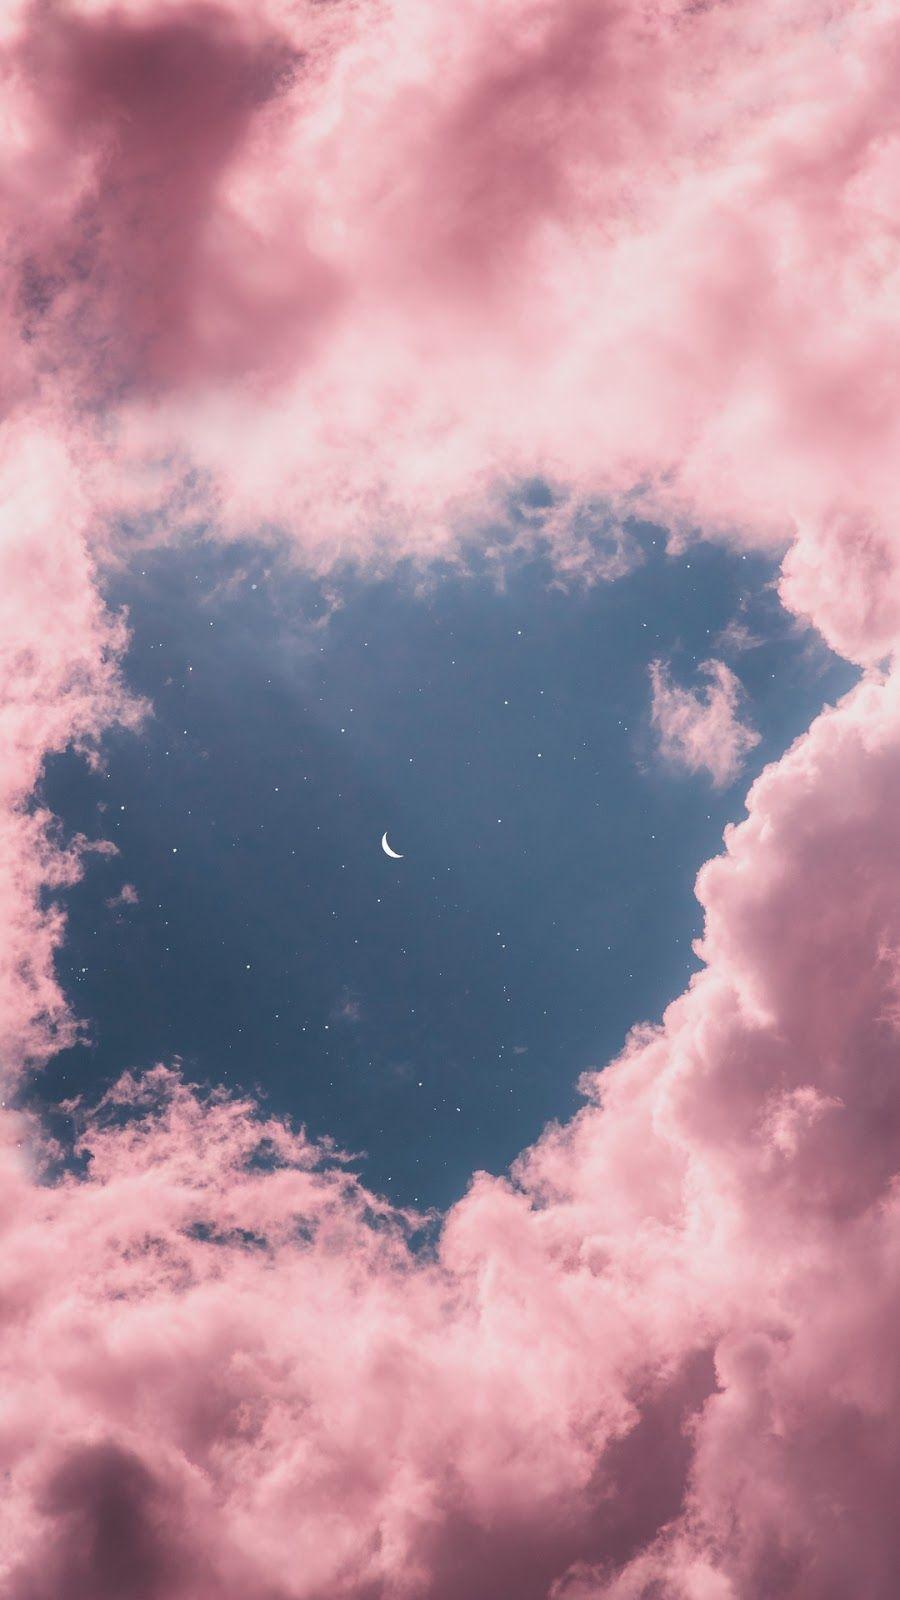 Aesthetic moon wallpaper Fondos de pantalla cielo